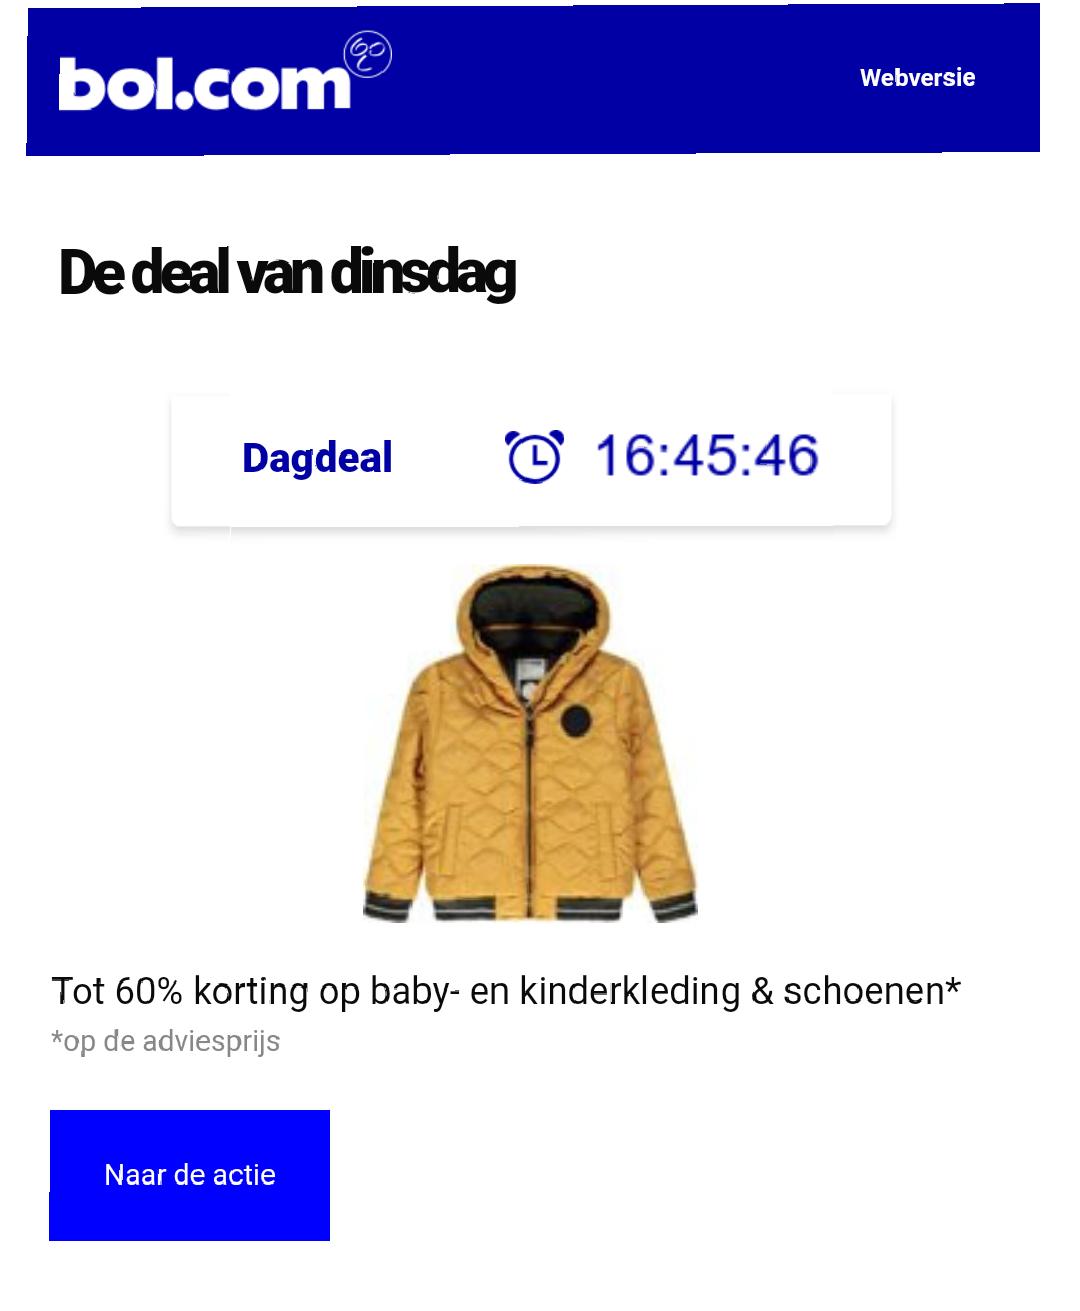 [Dagdeal Bol.com] 60% korting op baby/kinderkleding en schoenen